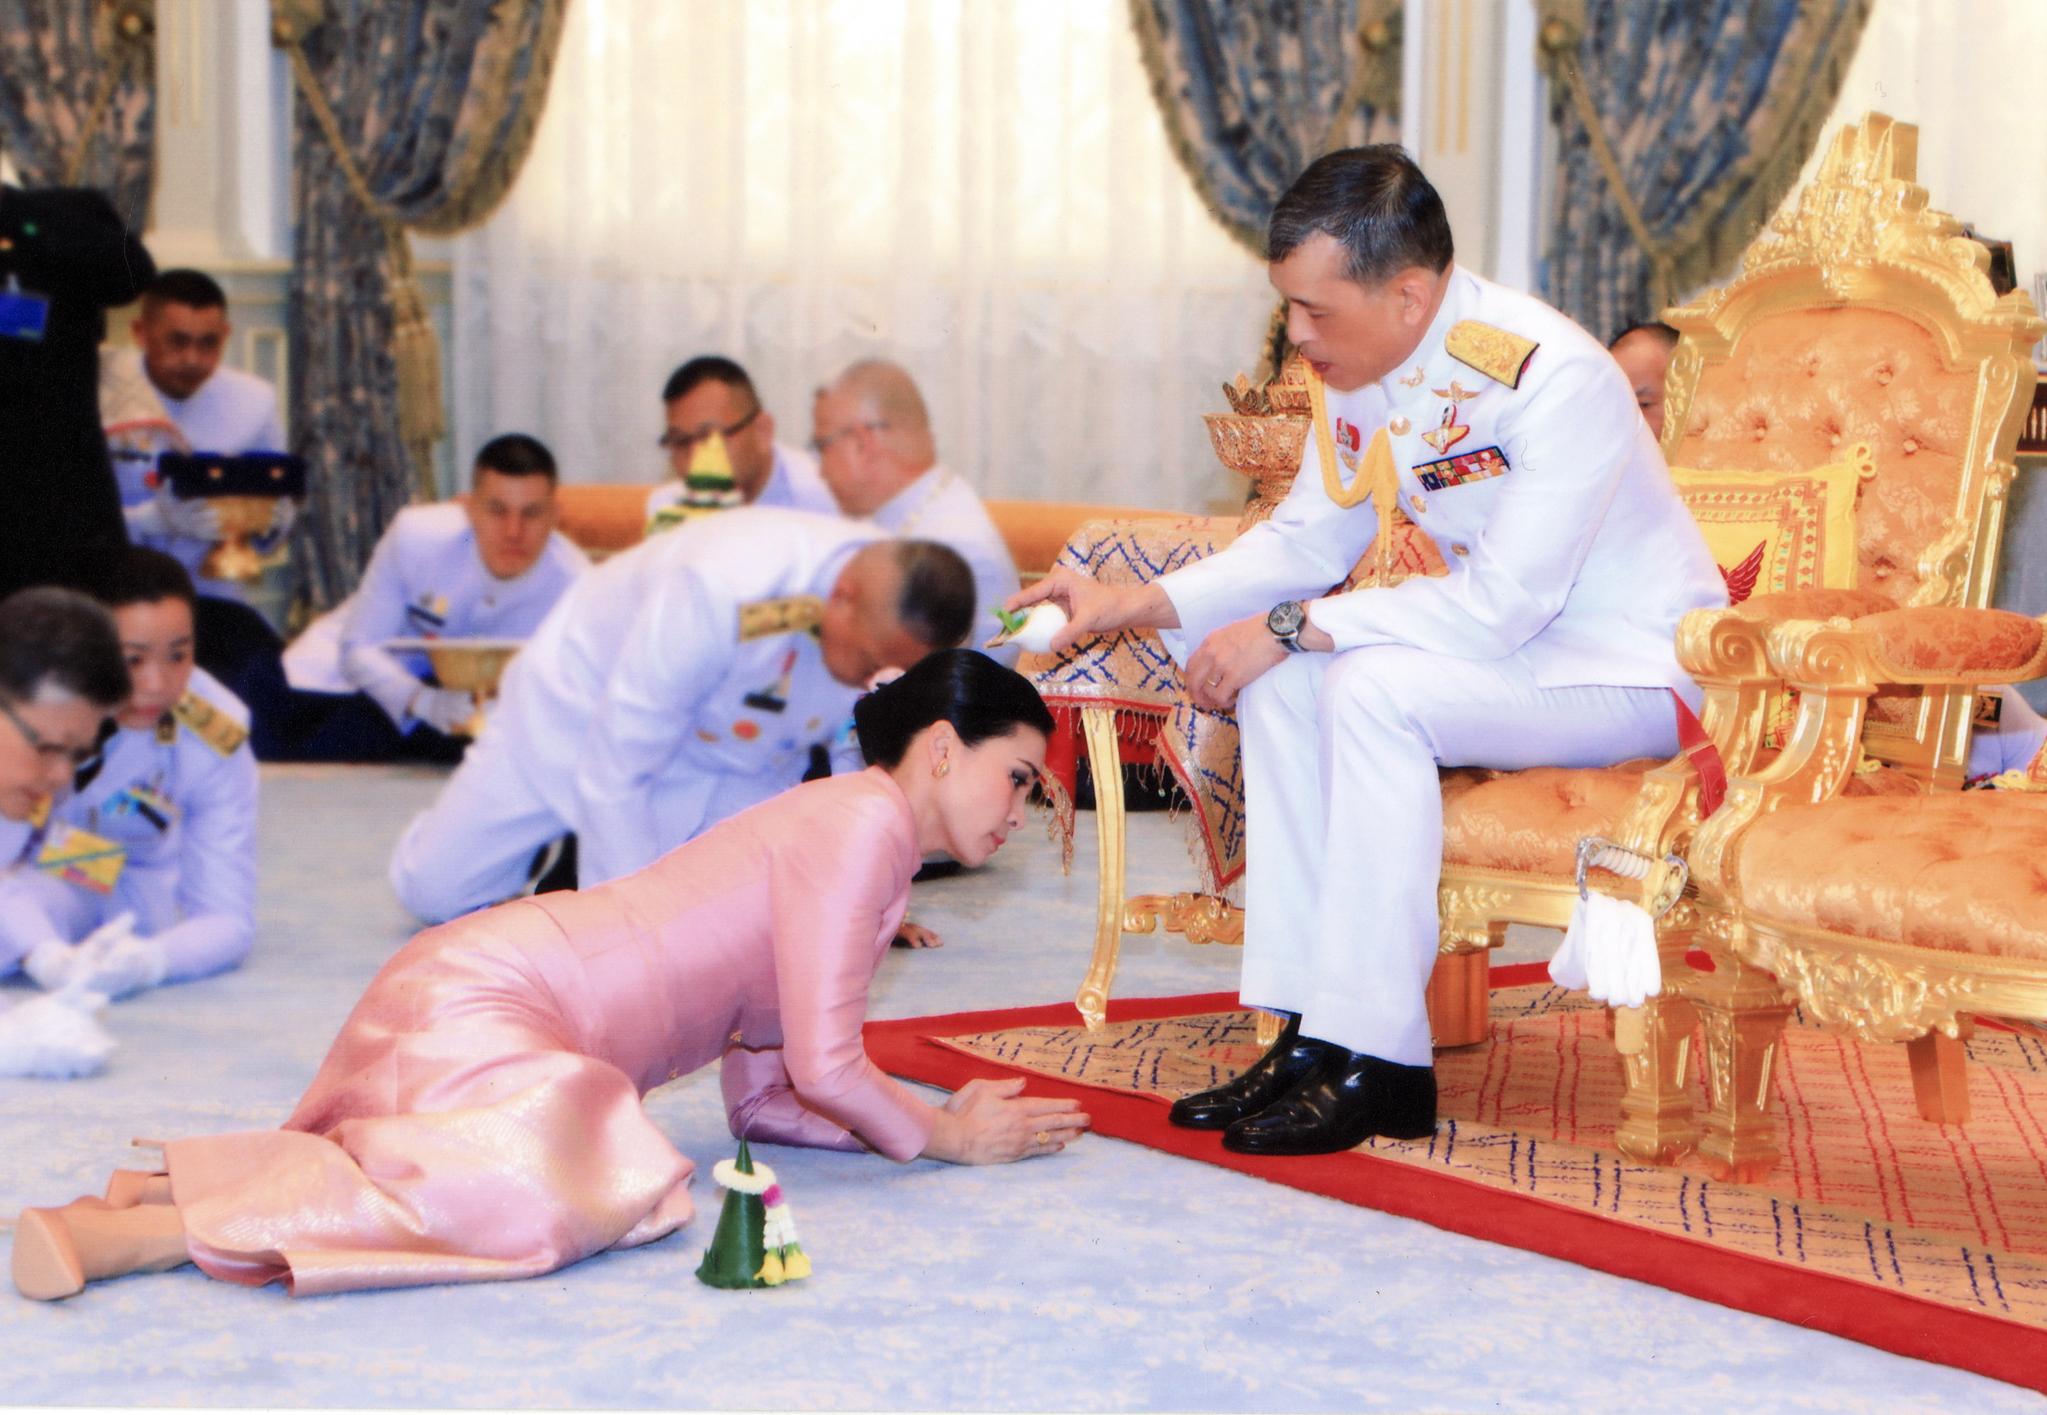 와치랄롱꼰 국왕과 수티다 왕비가 1일 태국 방콕 왕궁에서 결혼예식을 치르고 있다.[EPA=연합뉴스]